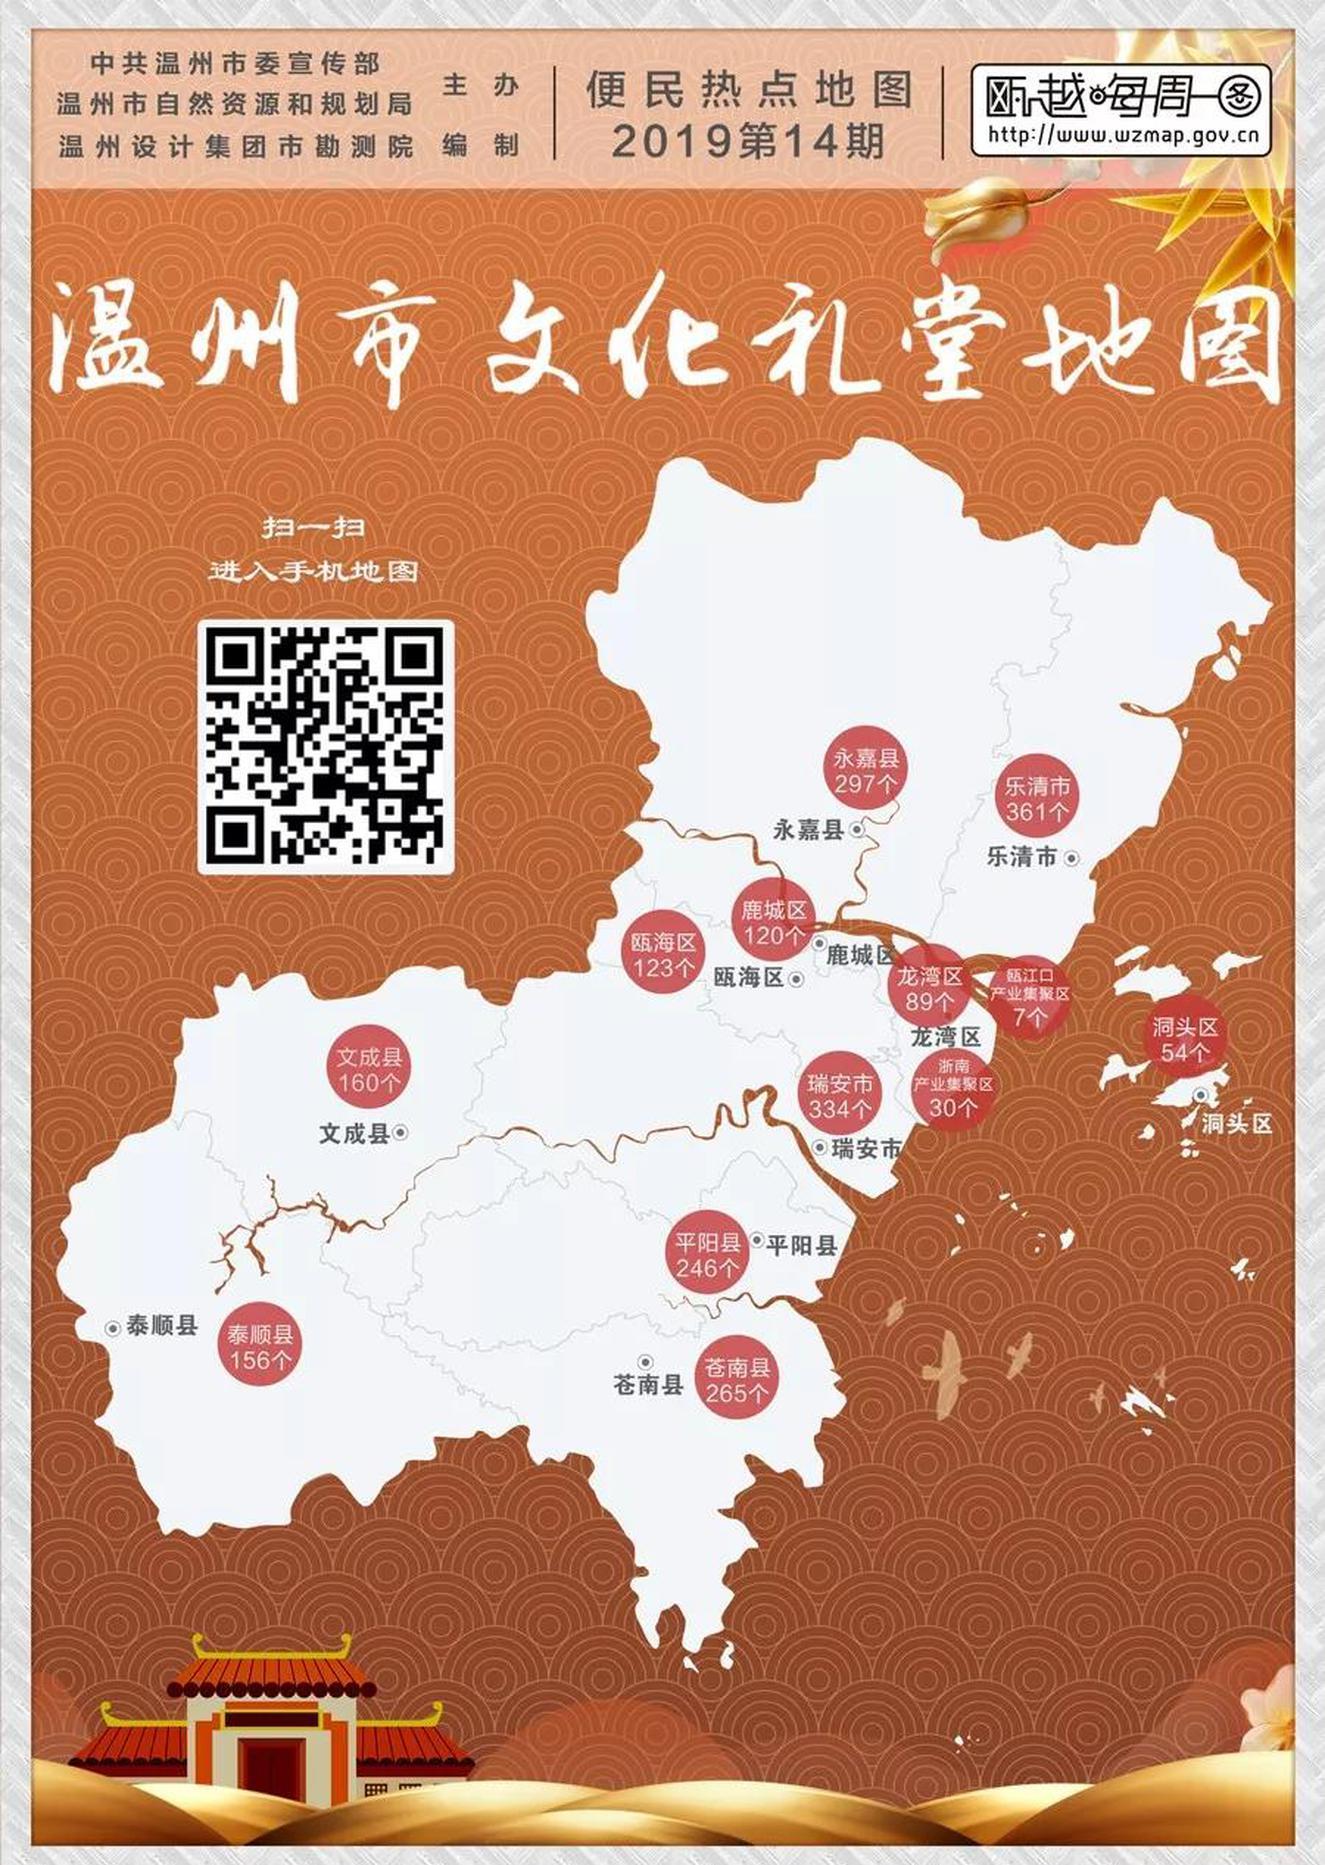 温州人的精神家园有新地图啦